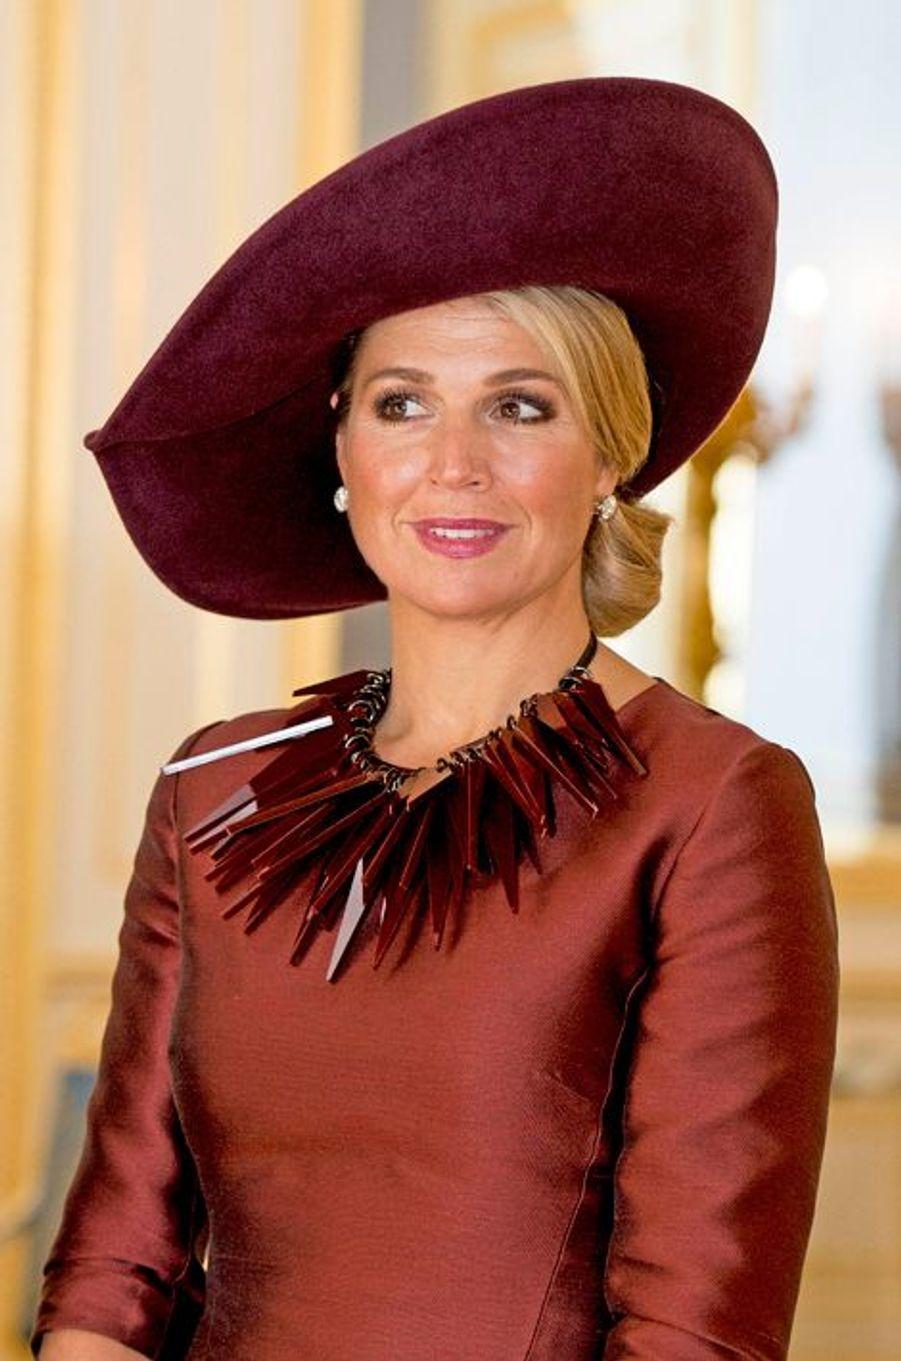 La reine Maxima des Pays-Bas à La Haye, le 15 octobre 2014